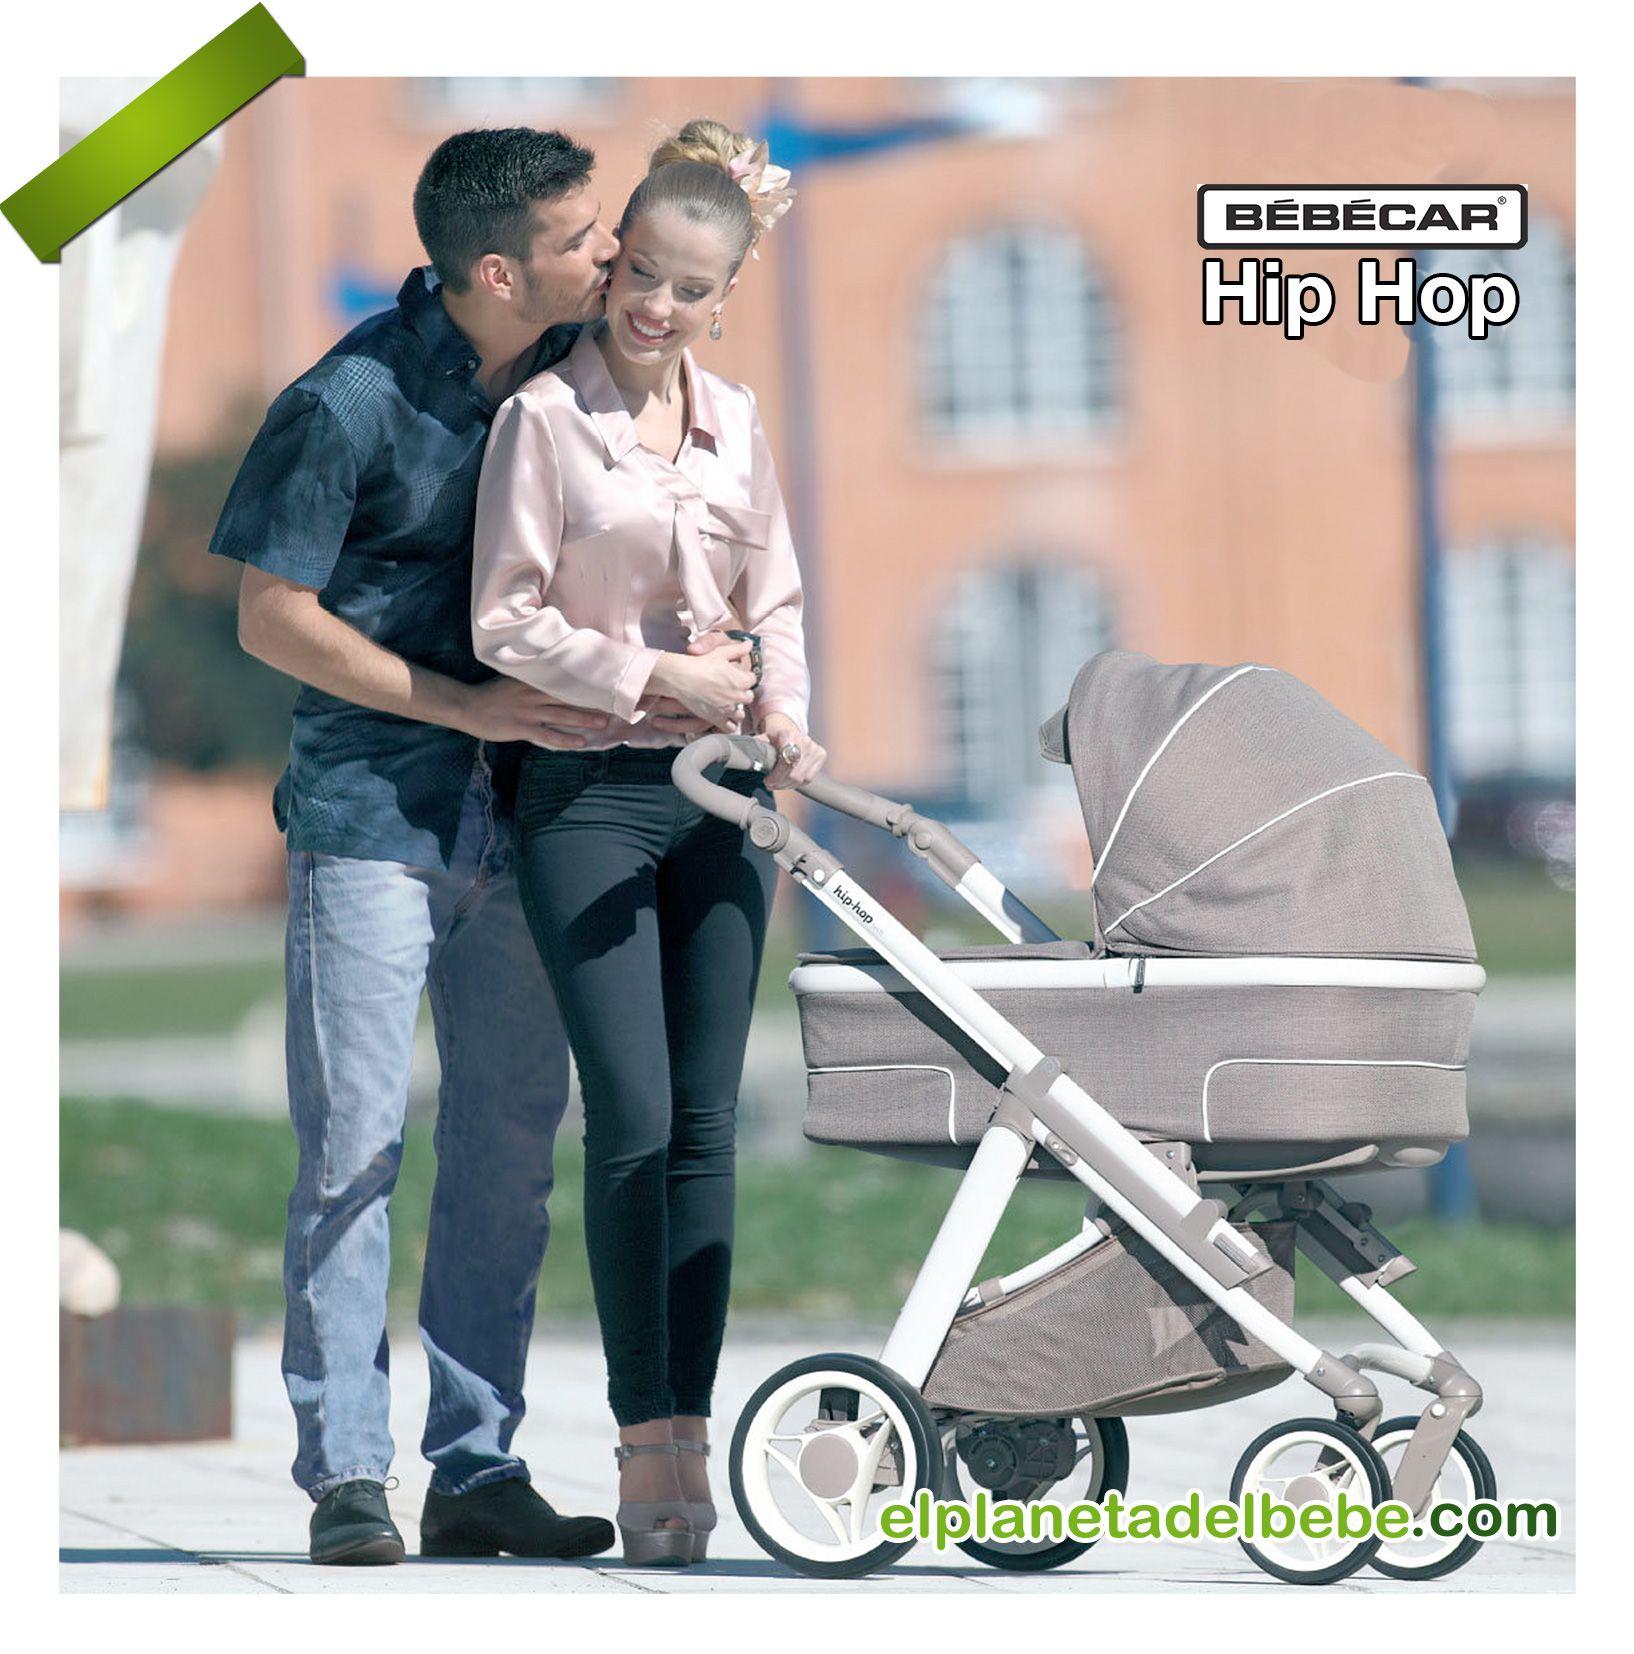 Bebecar Hip Hop ¿C³mo elegir un carrito de bebé tiendas